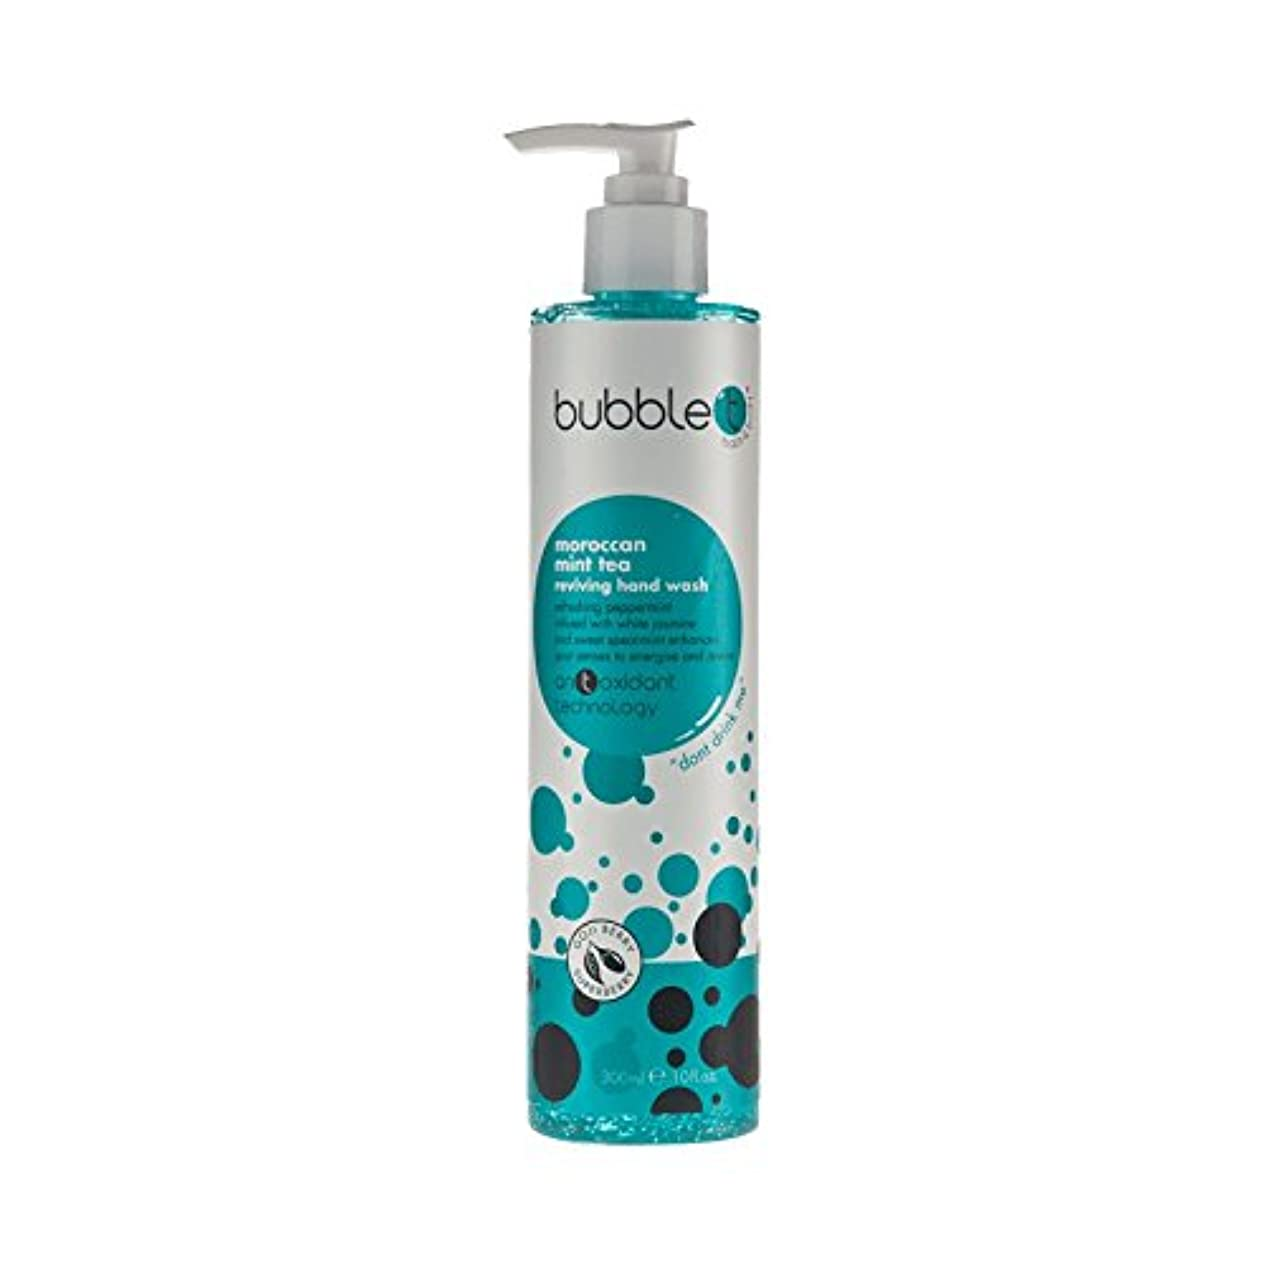 整然とした森林嫌がるバブルトン手洗いモロッコミント300ミリリットル - Bubble T Hand Wash Morrocan Mint 300ml (Bubble T) [並行輸入品]